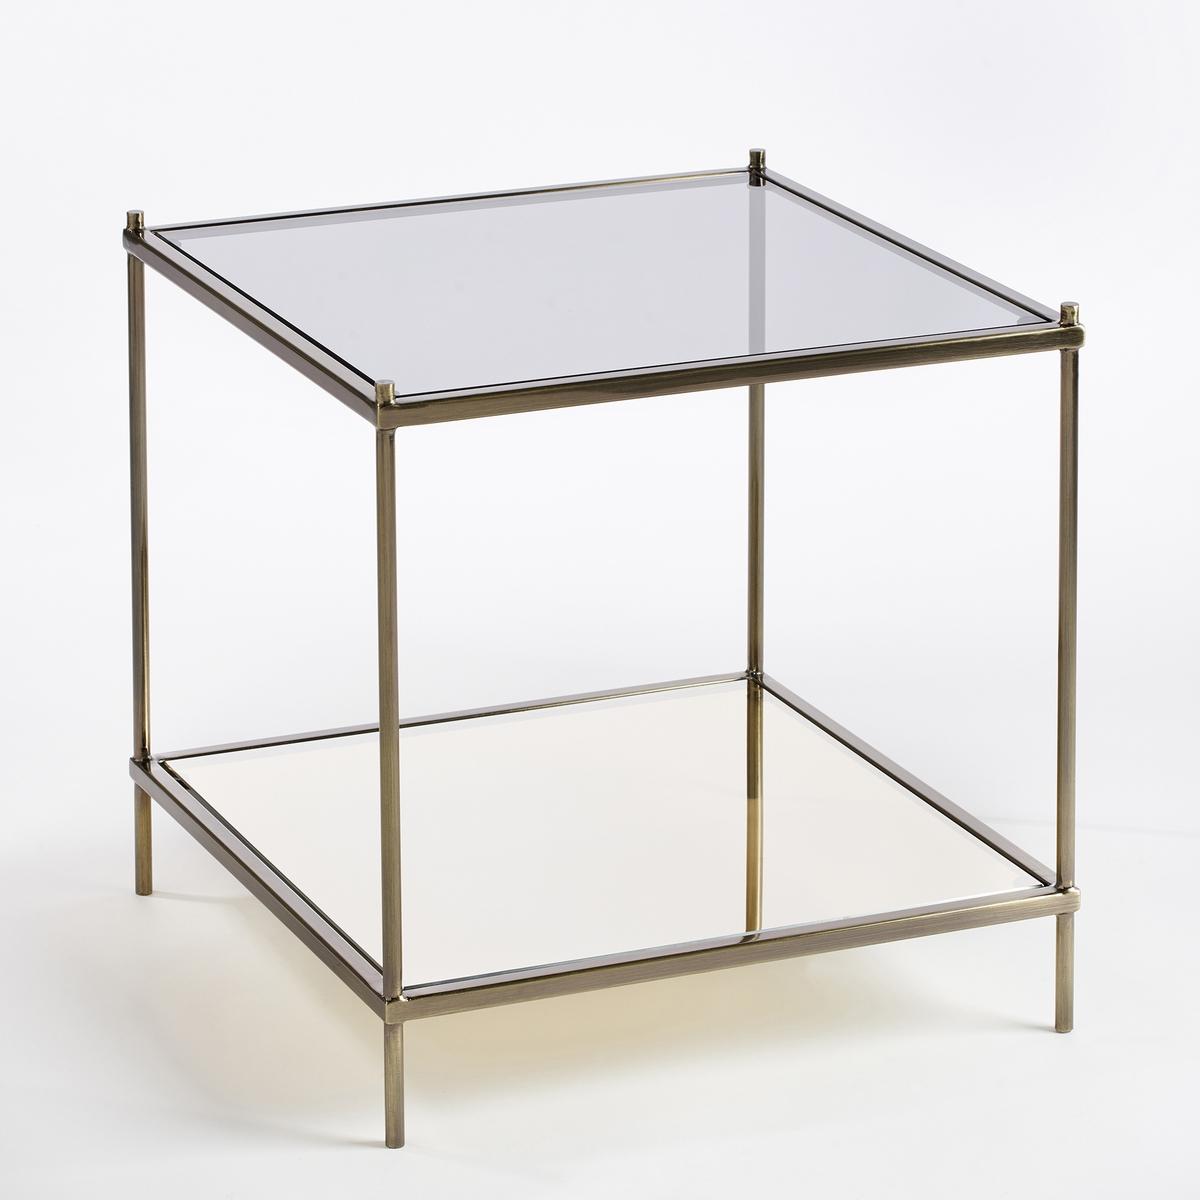 Столик журнальный UlupnaЖурнальный столик Ulupna. Данный столик может использоваться в качестве журнального или прикроватного. Удачное сочетание темного стекла и стекла с зеркальным эффектом добавит элегантности и стиля в ваш интерьер.Вы можете менять столешницы местами: столешница из затемненного стекла сверху и столешница из зеркального стекла снизу или наоборот.Характеристики: : - Металлический каркас с латунным покрытием- Верхняя столешница из затемненного стекла серого цвета, толщина 6 мм- Нижняя столешница из стекла с зеркальным эффектом, толщина 6 мм- Поставляется готовым к сборке, инструкция прилагается.Размеры  : - Д40 x В40 x Г40 см, 6,23 кг<br><br>Цвет: старинная латунь